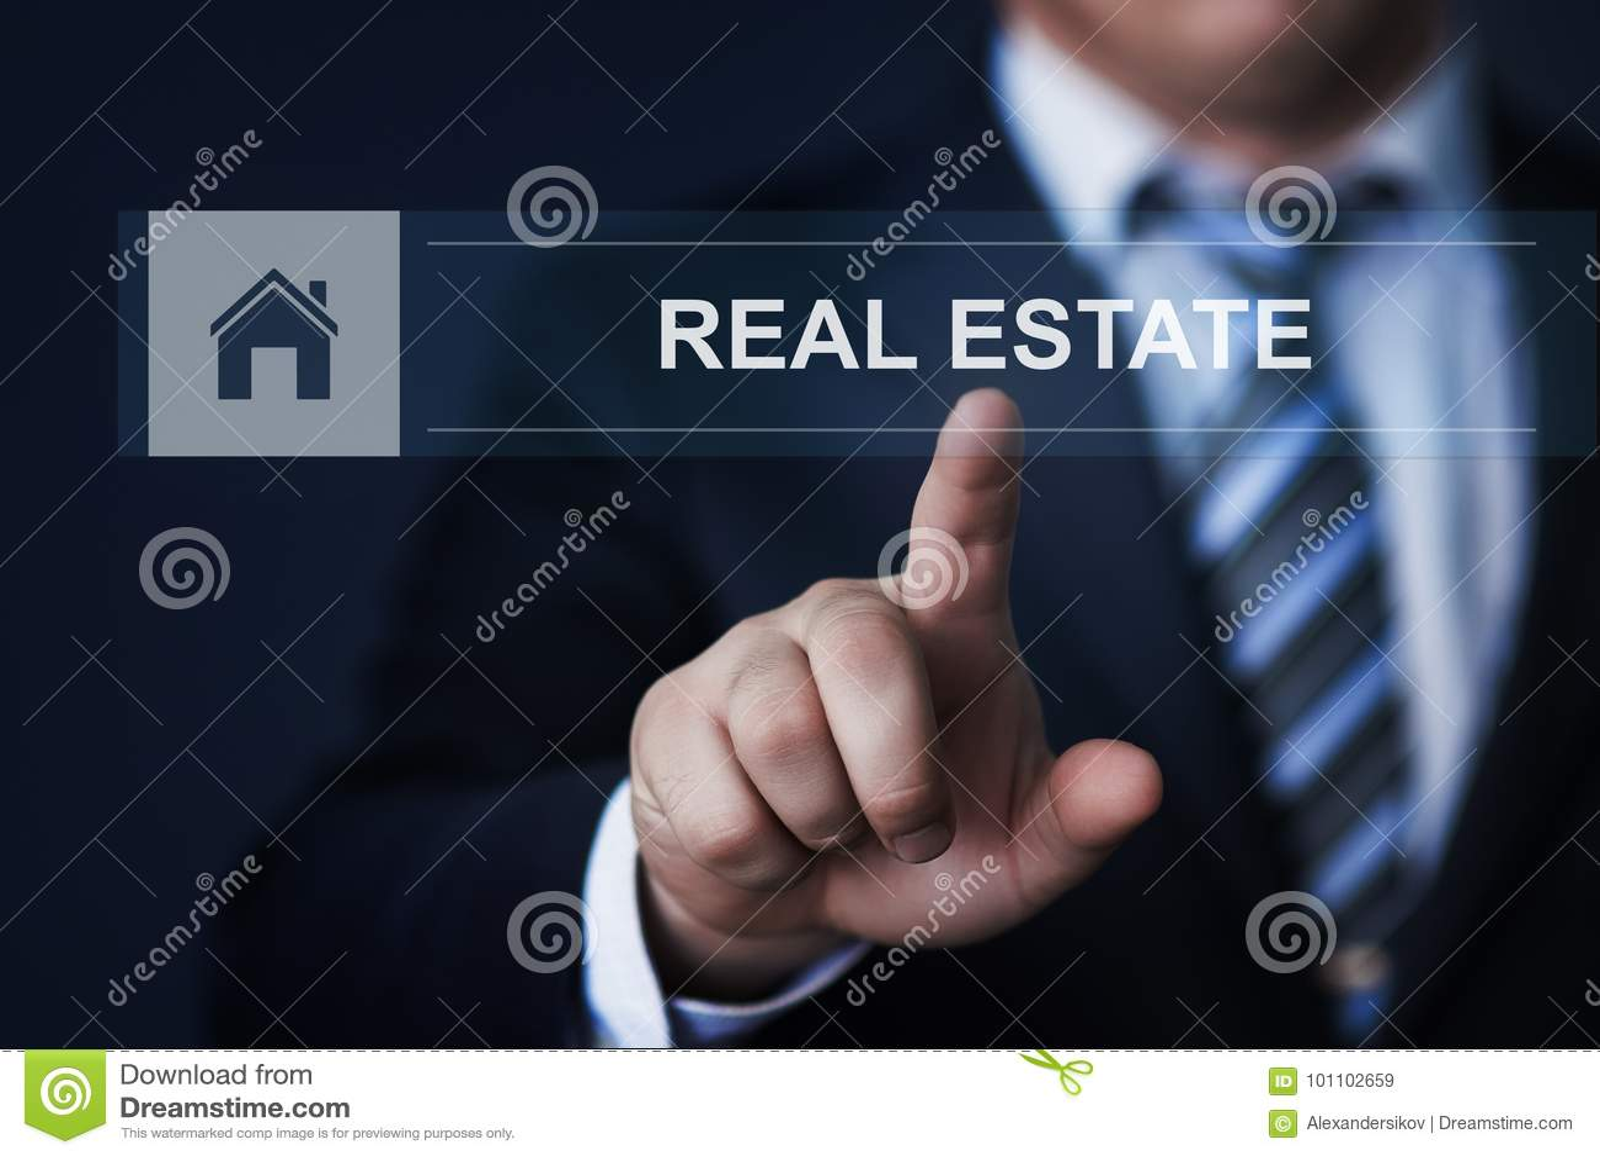 Real Estate-de het Beheershuur van het Hypotheekbezit koopt concept